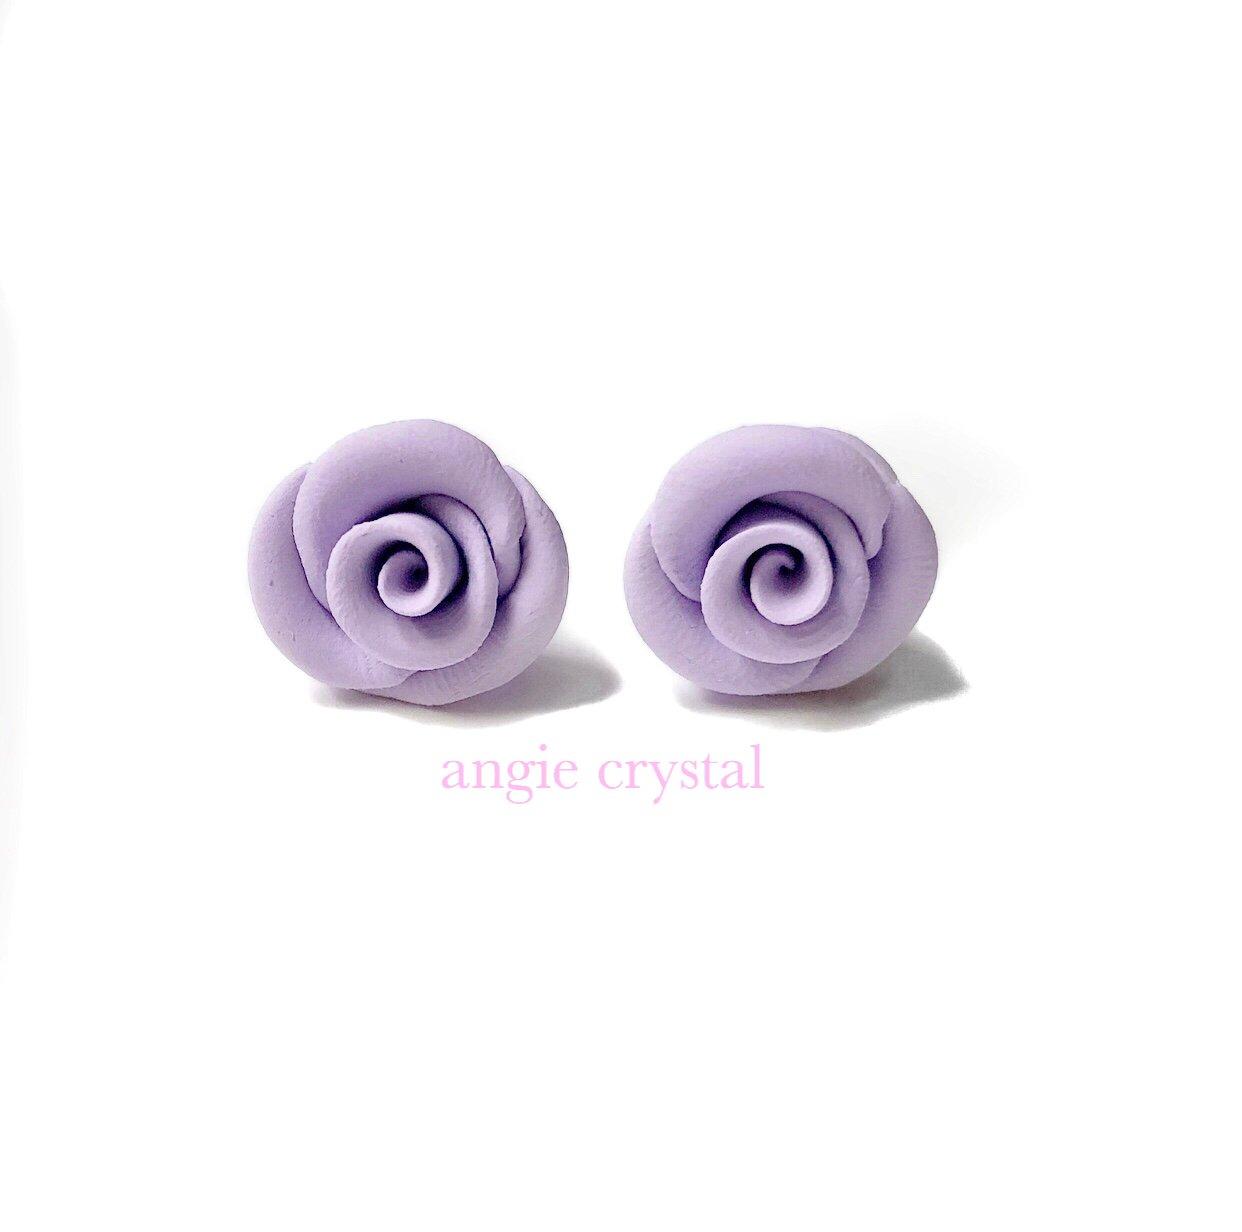 Image of Lavender Rose Stud Earrings